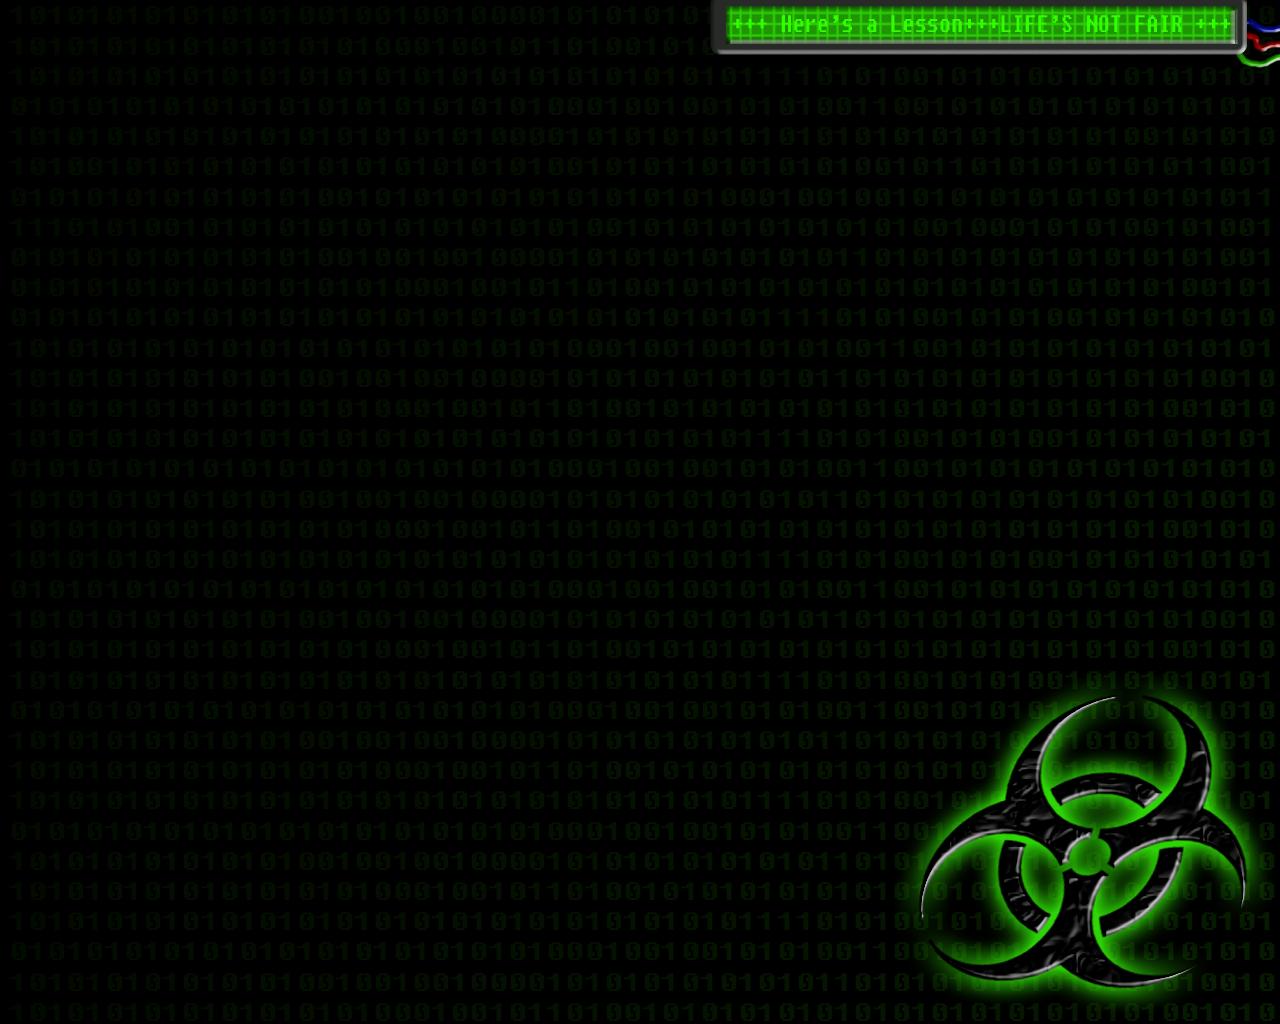 Hd wallpaper virus - Virus Wallpaper Virus